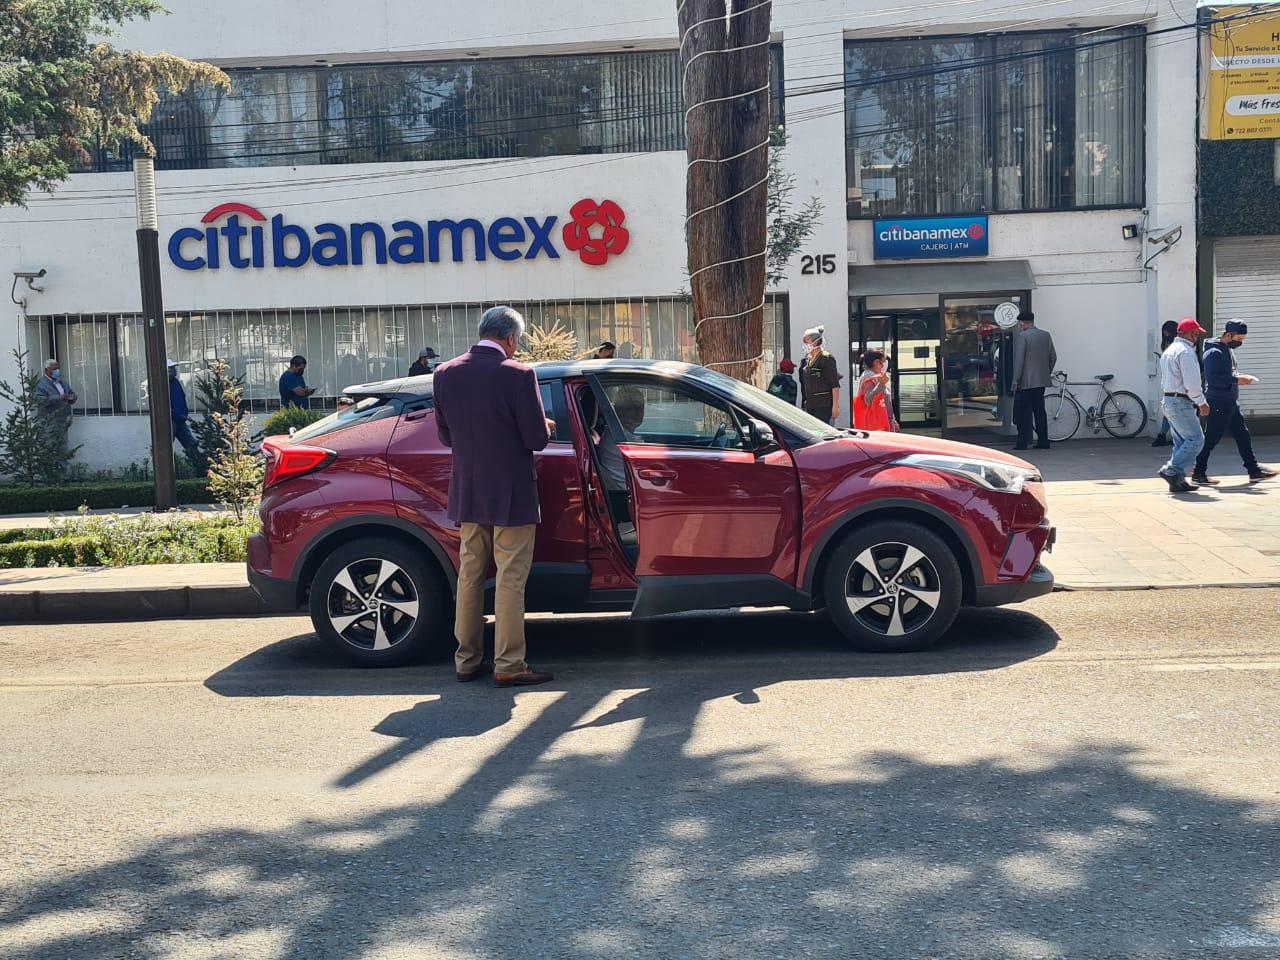 Ciclovía de Paseo Colón sirve de estacionamiento - Abr 8, 2021